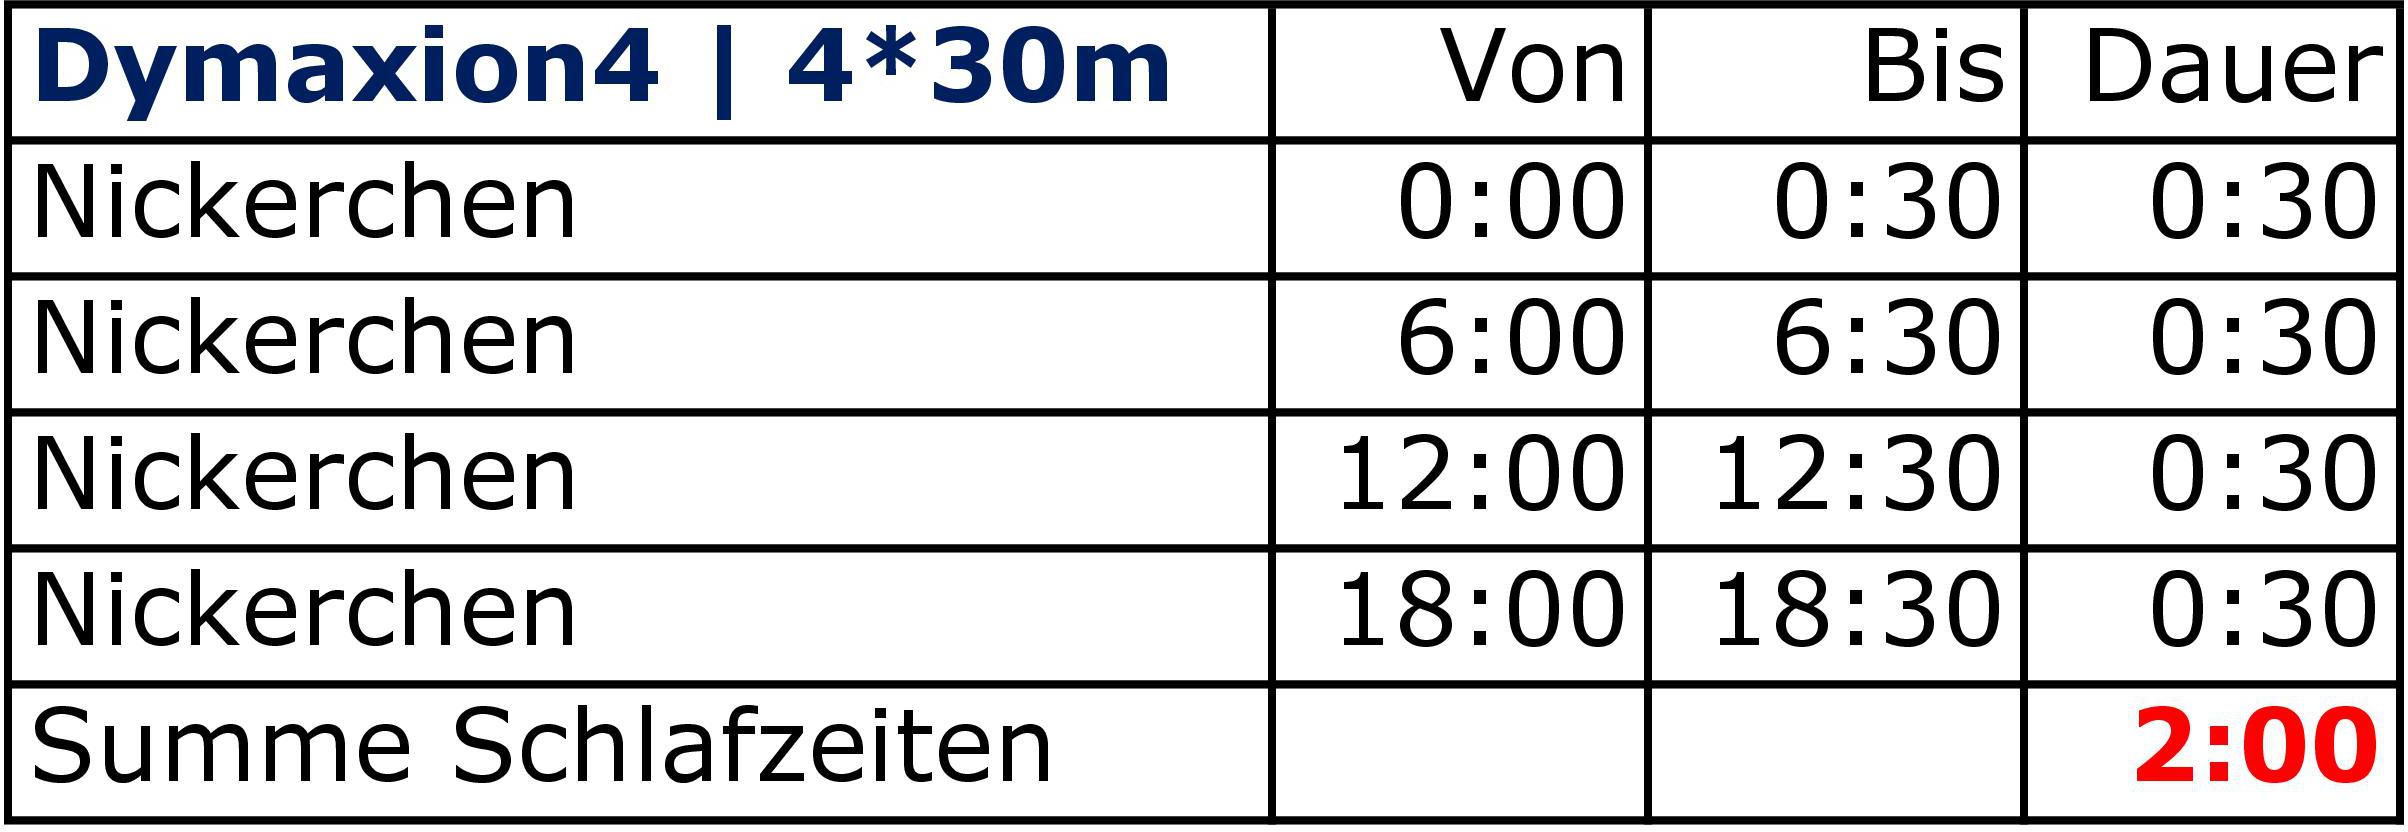 Die Uhrzeiten der Schlafperioden von Dymaxion4 zeigen, wann und wie lange Du bei Dymaxion4 schläfst. Dymaxion4 ist eines der anspruchsvollsten Schlafsysteme, mit dem Du einen wahrhaft grandiosen 24h-Lifestyle auf Basis von Mehrphasenschlaf pflegen kannst.